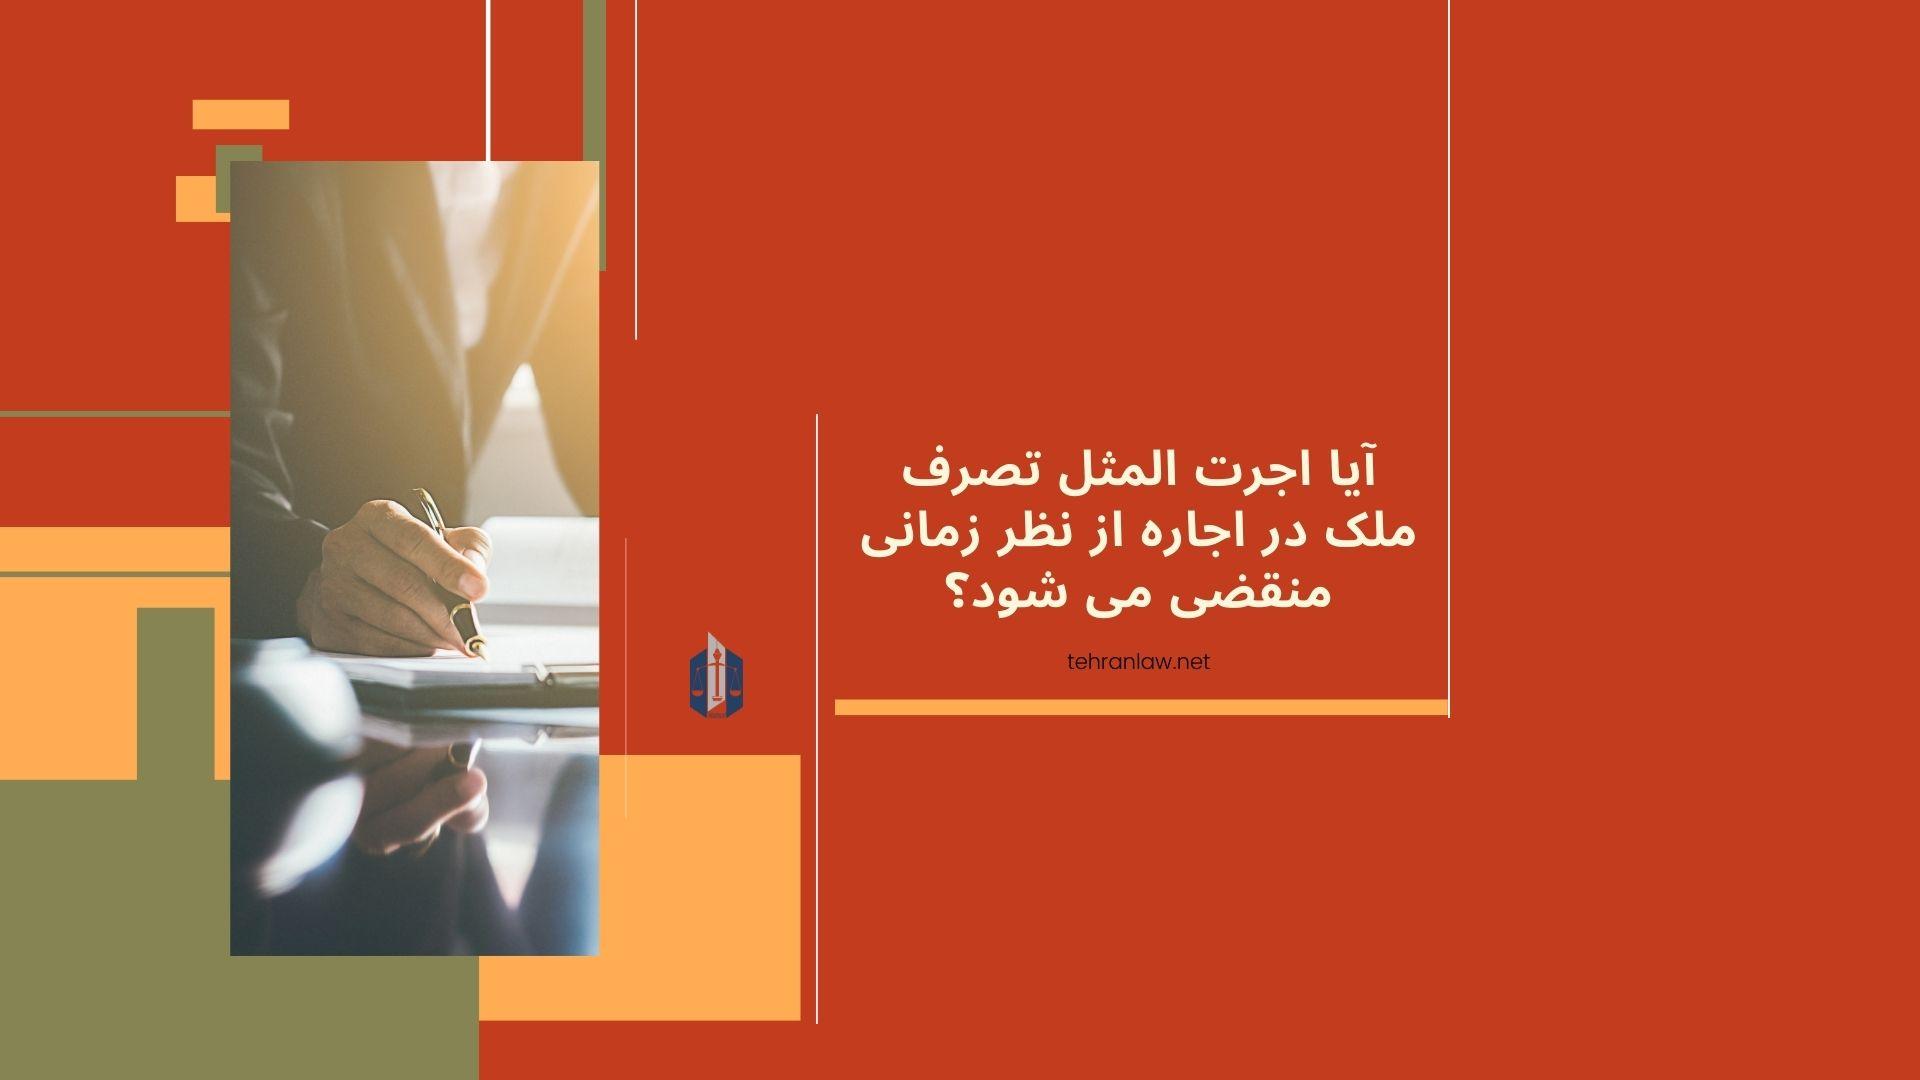 آیا اجرت المثل تصرف ملک در اجاره از نظر زمانی منقضی می شود؟